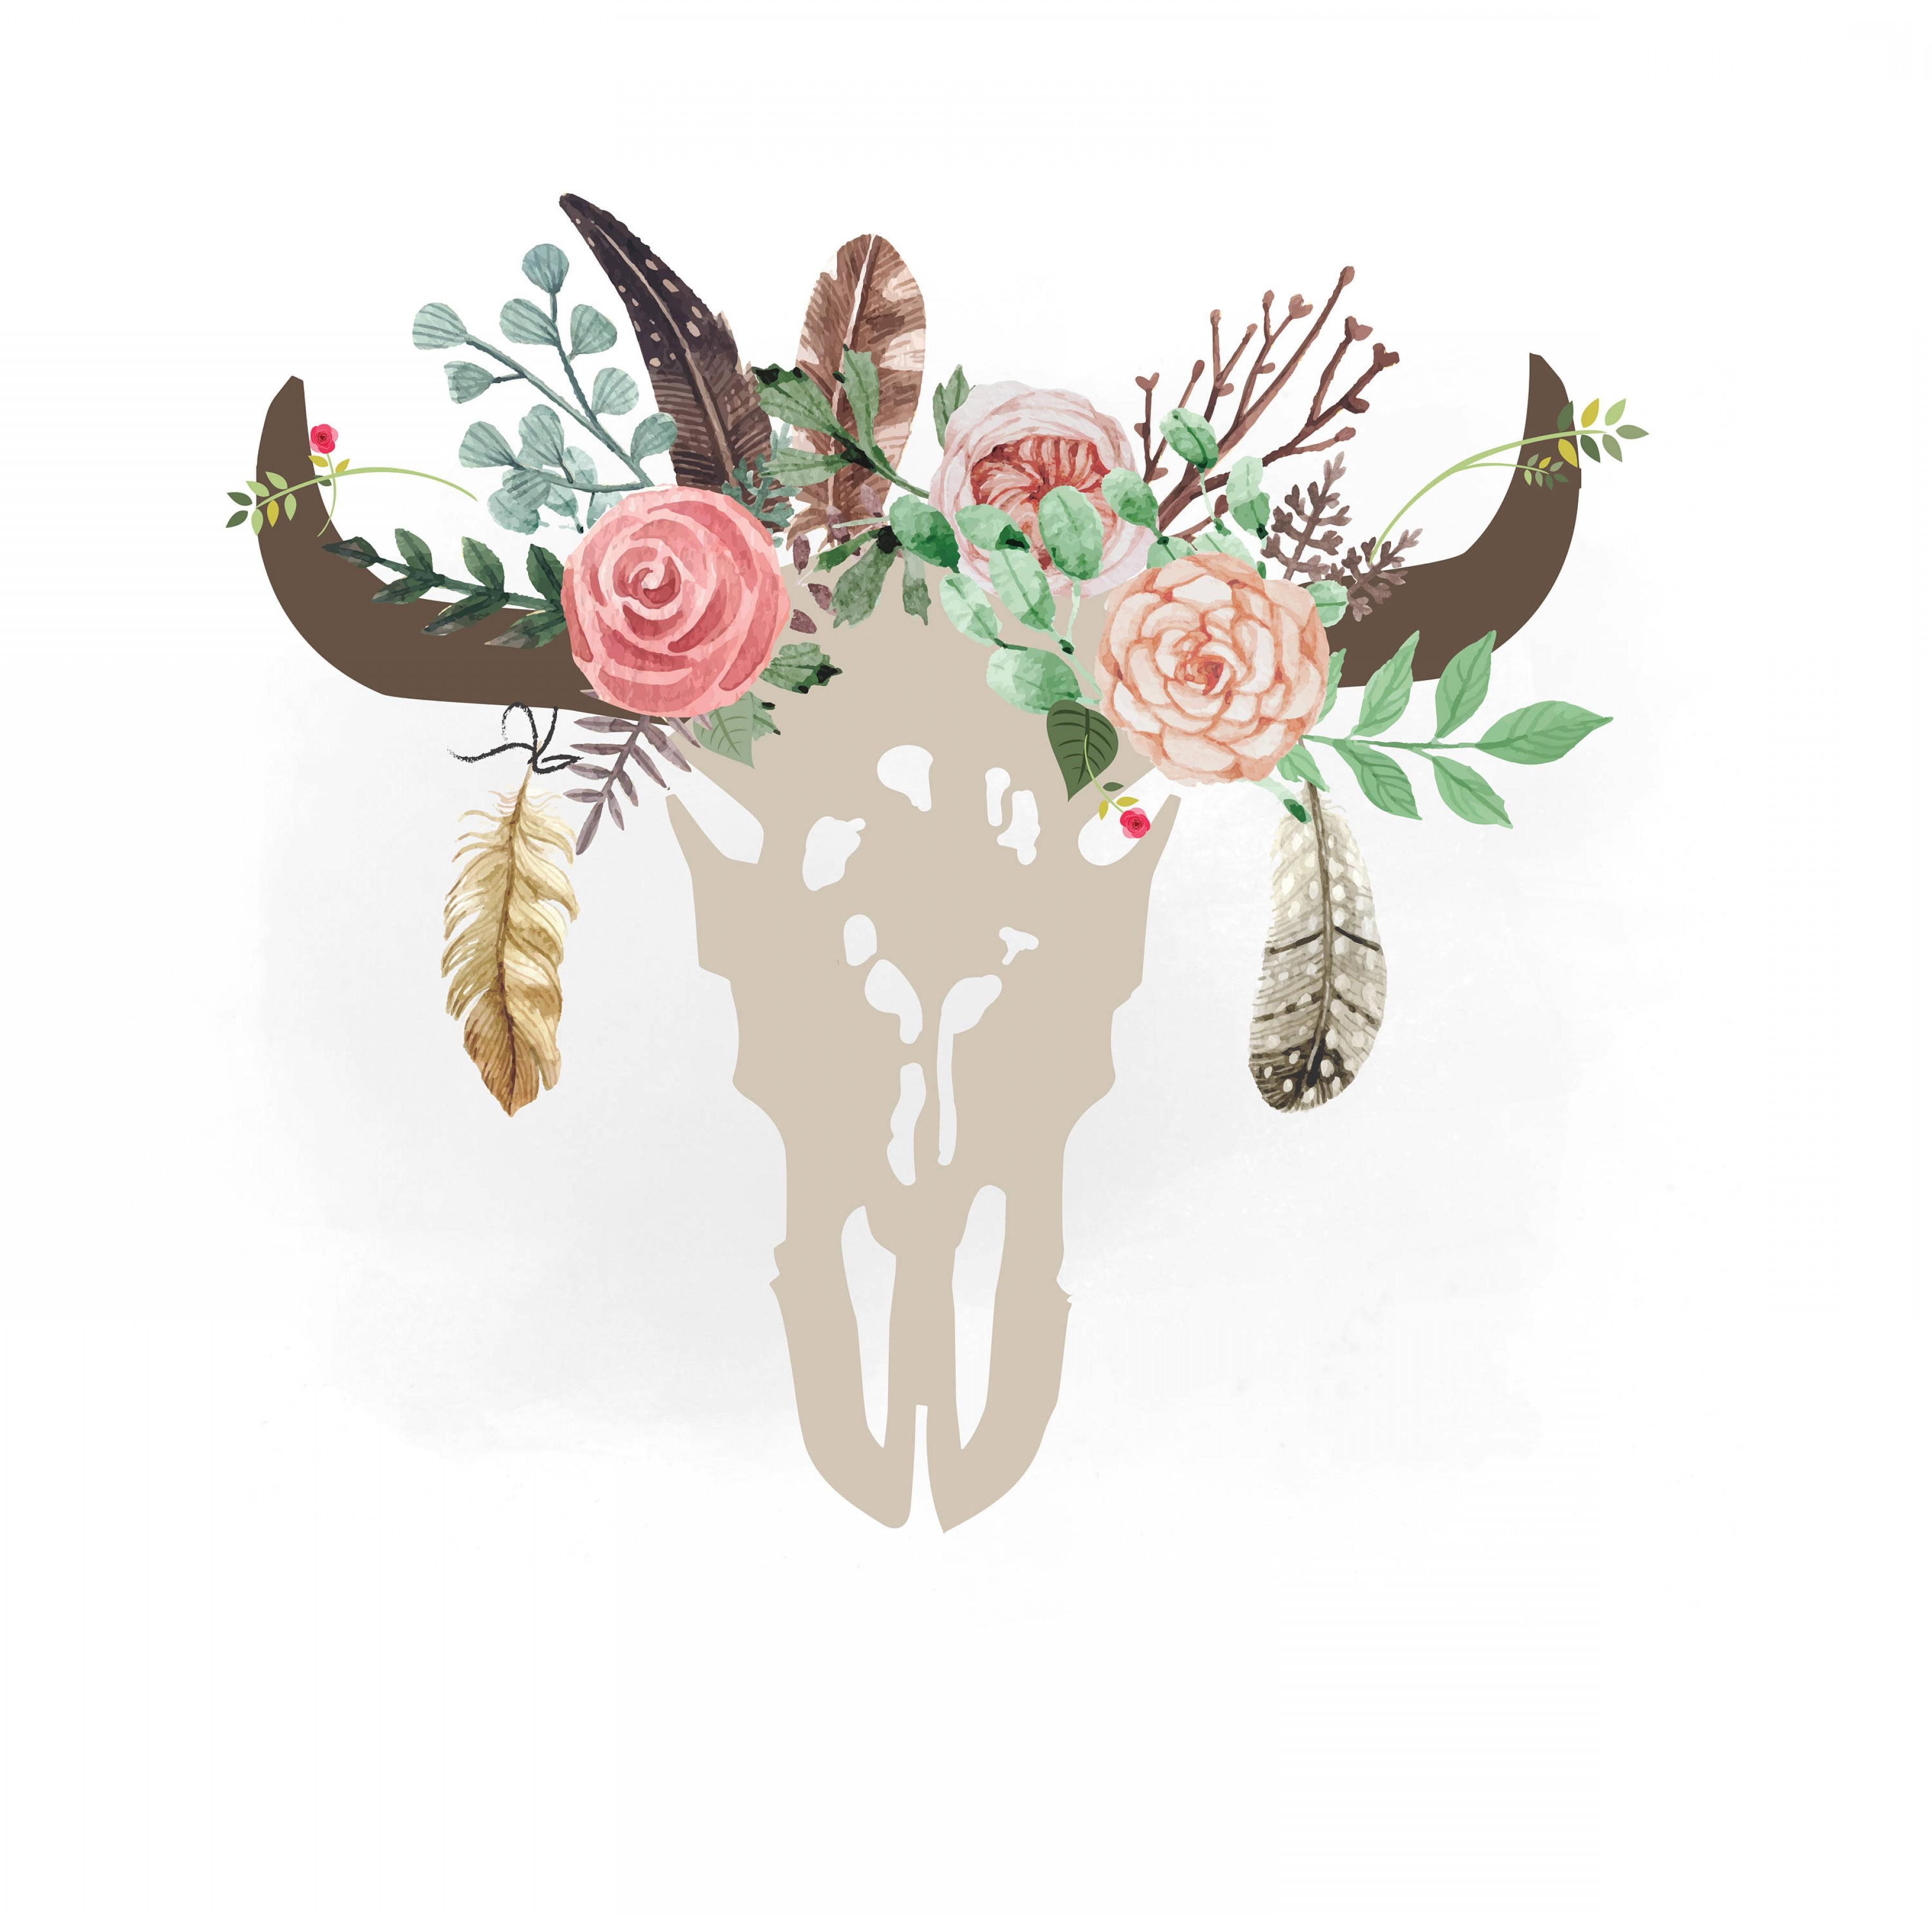 Boho cow skull clipart clipart stock Gypsy Cow Skull Svg Clipart Boho Floral | SOIDERGI clipart stock